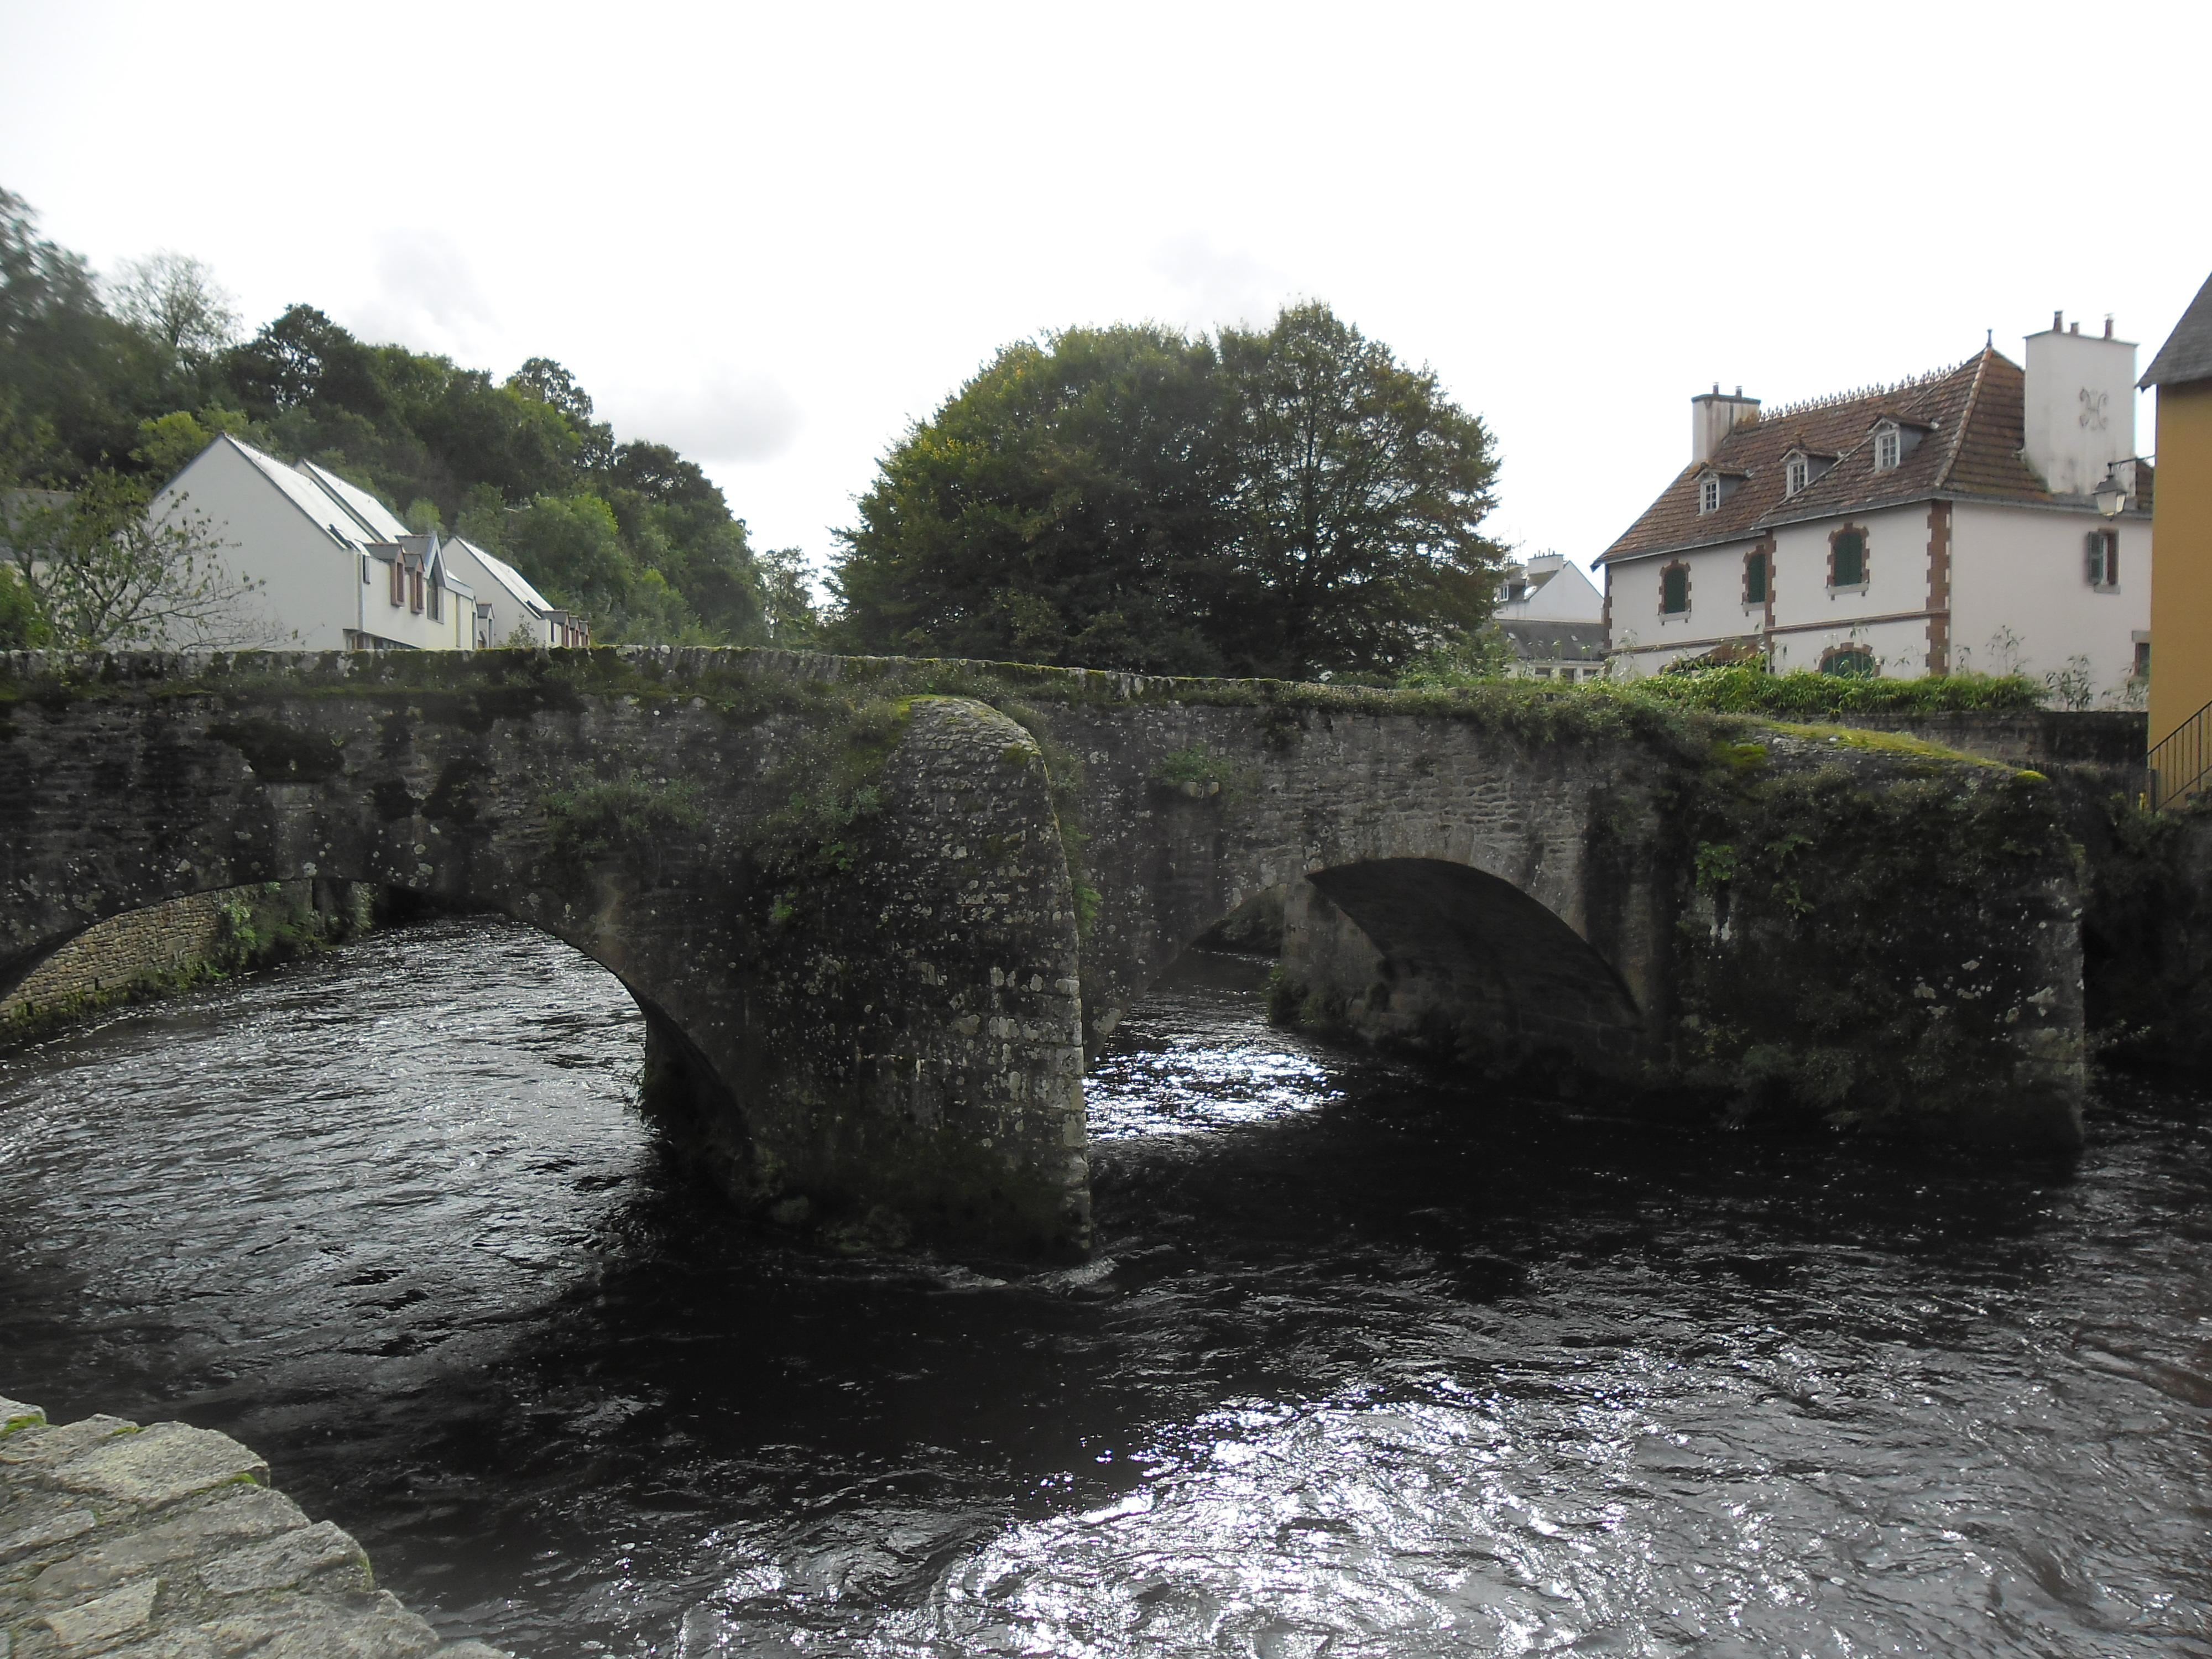 quimperle-river-laita-and-pont-lovignon-oct12